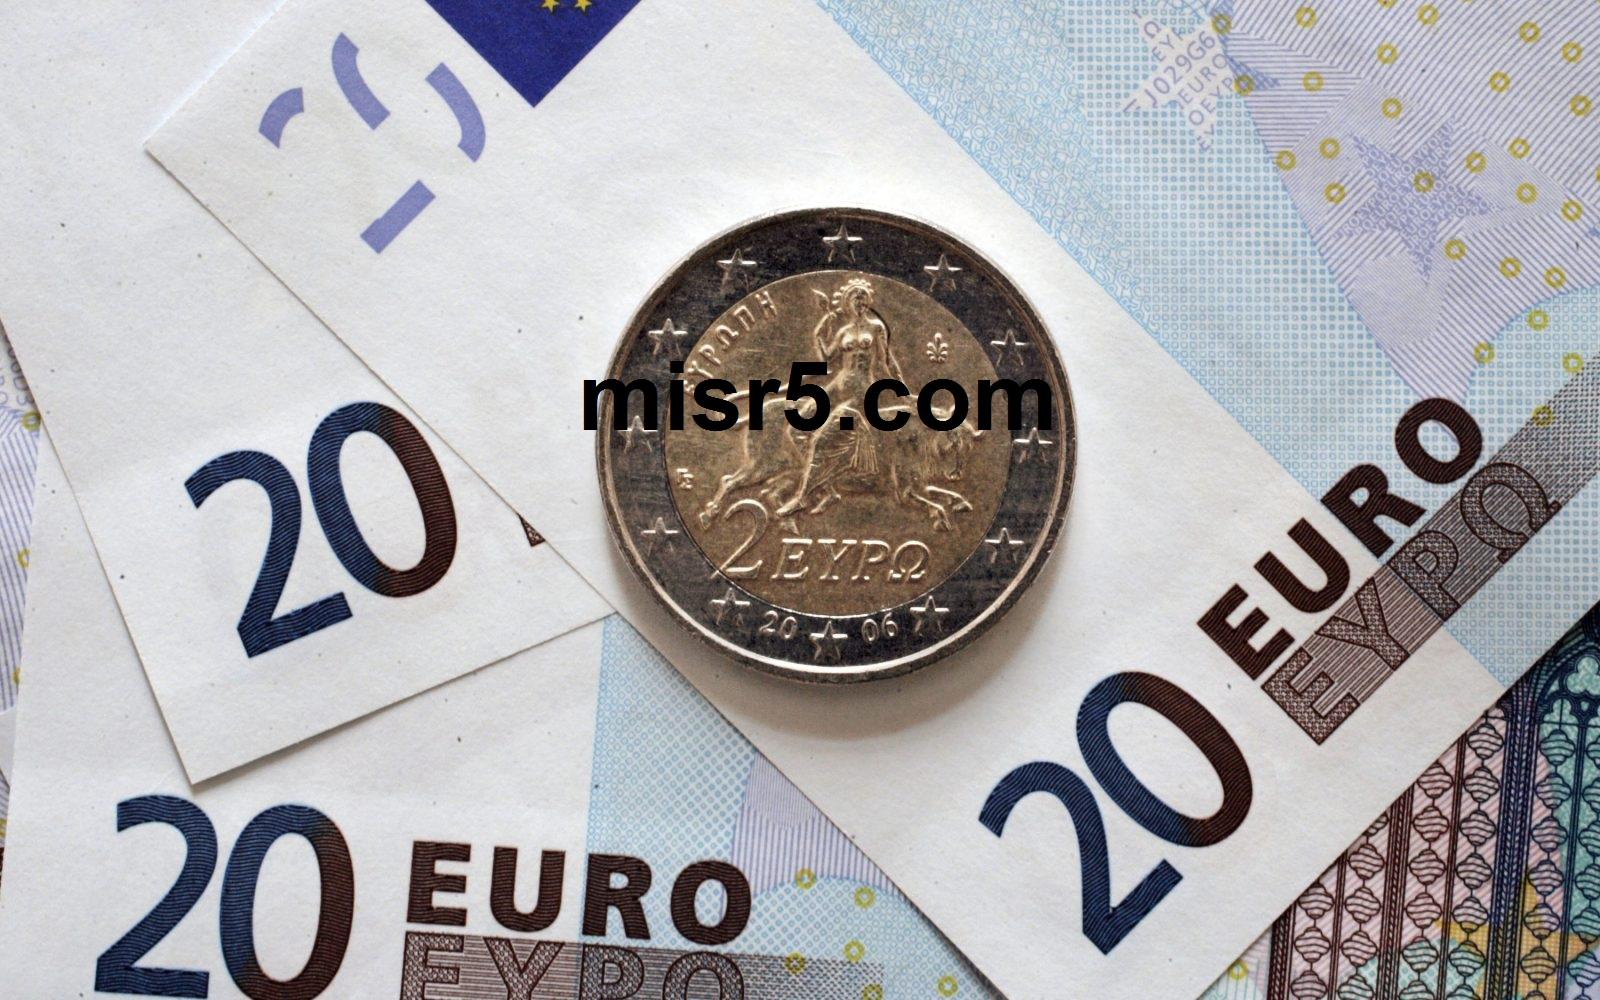 سعر اليورو اليوم الإثنين 5 يوليو 2021 وأسعار العملات العربية والأجنبية 3